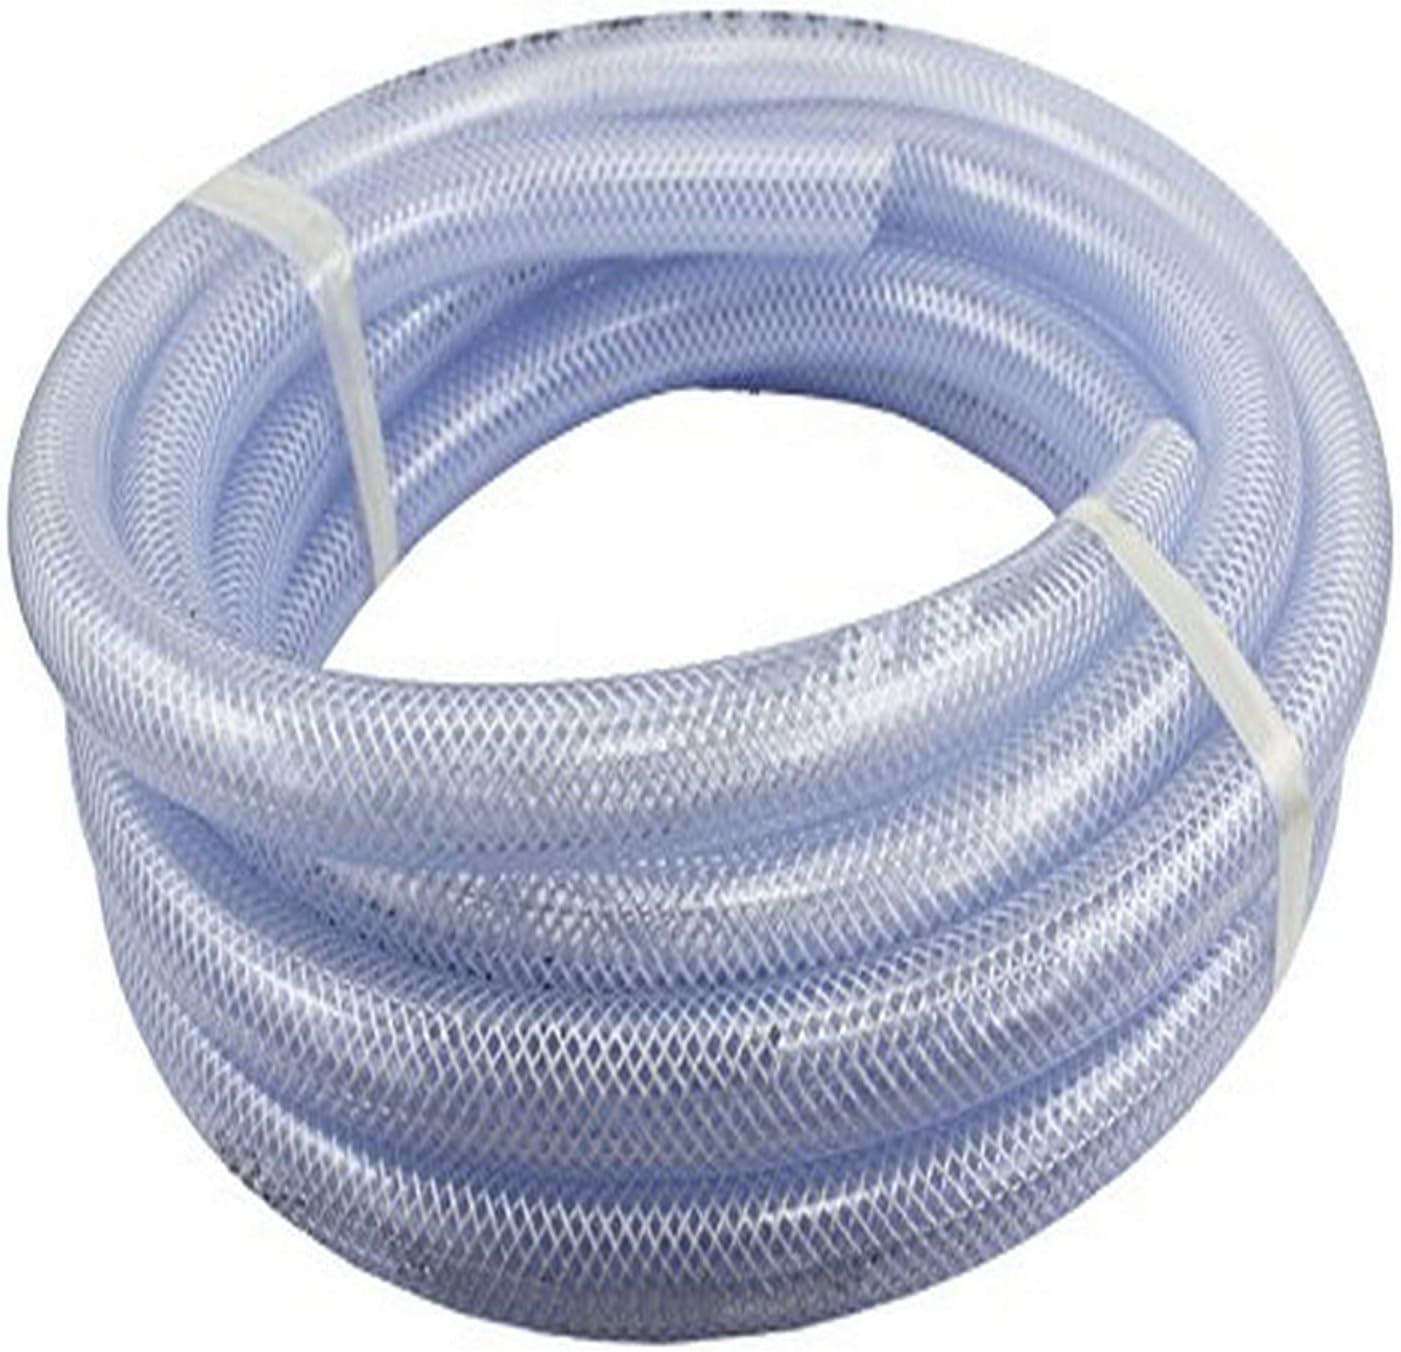 Duda Energy HPpvc300-005ft 5' x 3